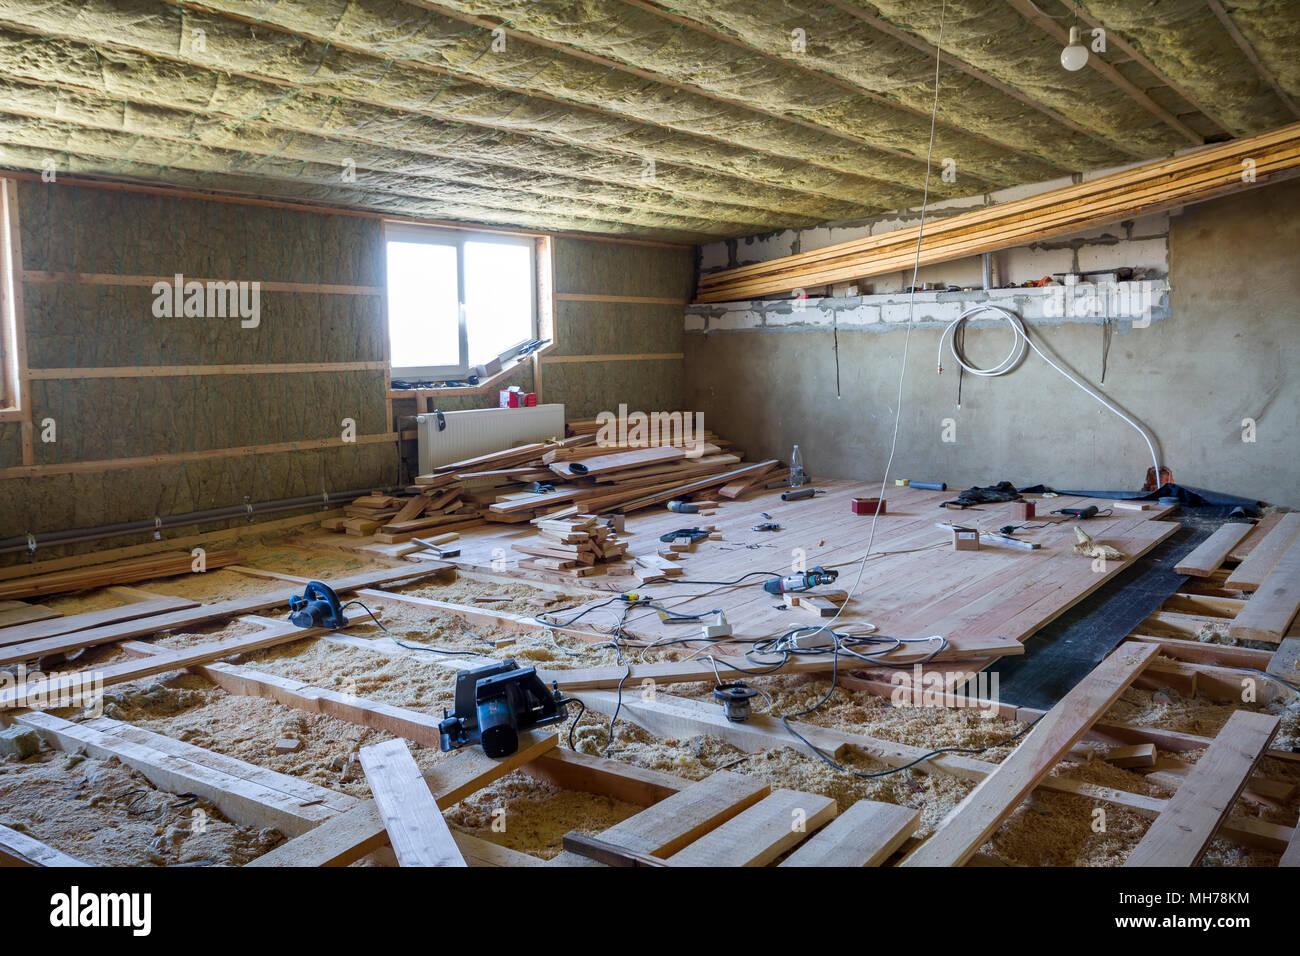 Große, geräumige helle leere Zimmer im Dachgeschoss im Bau und